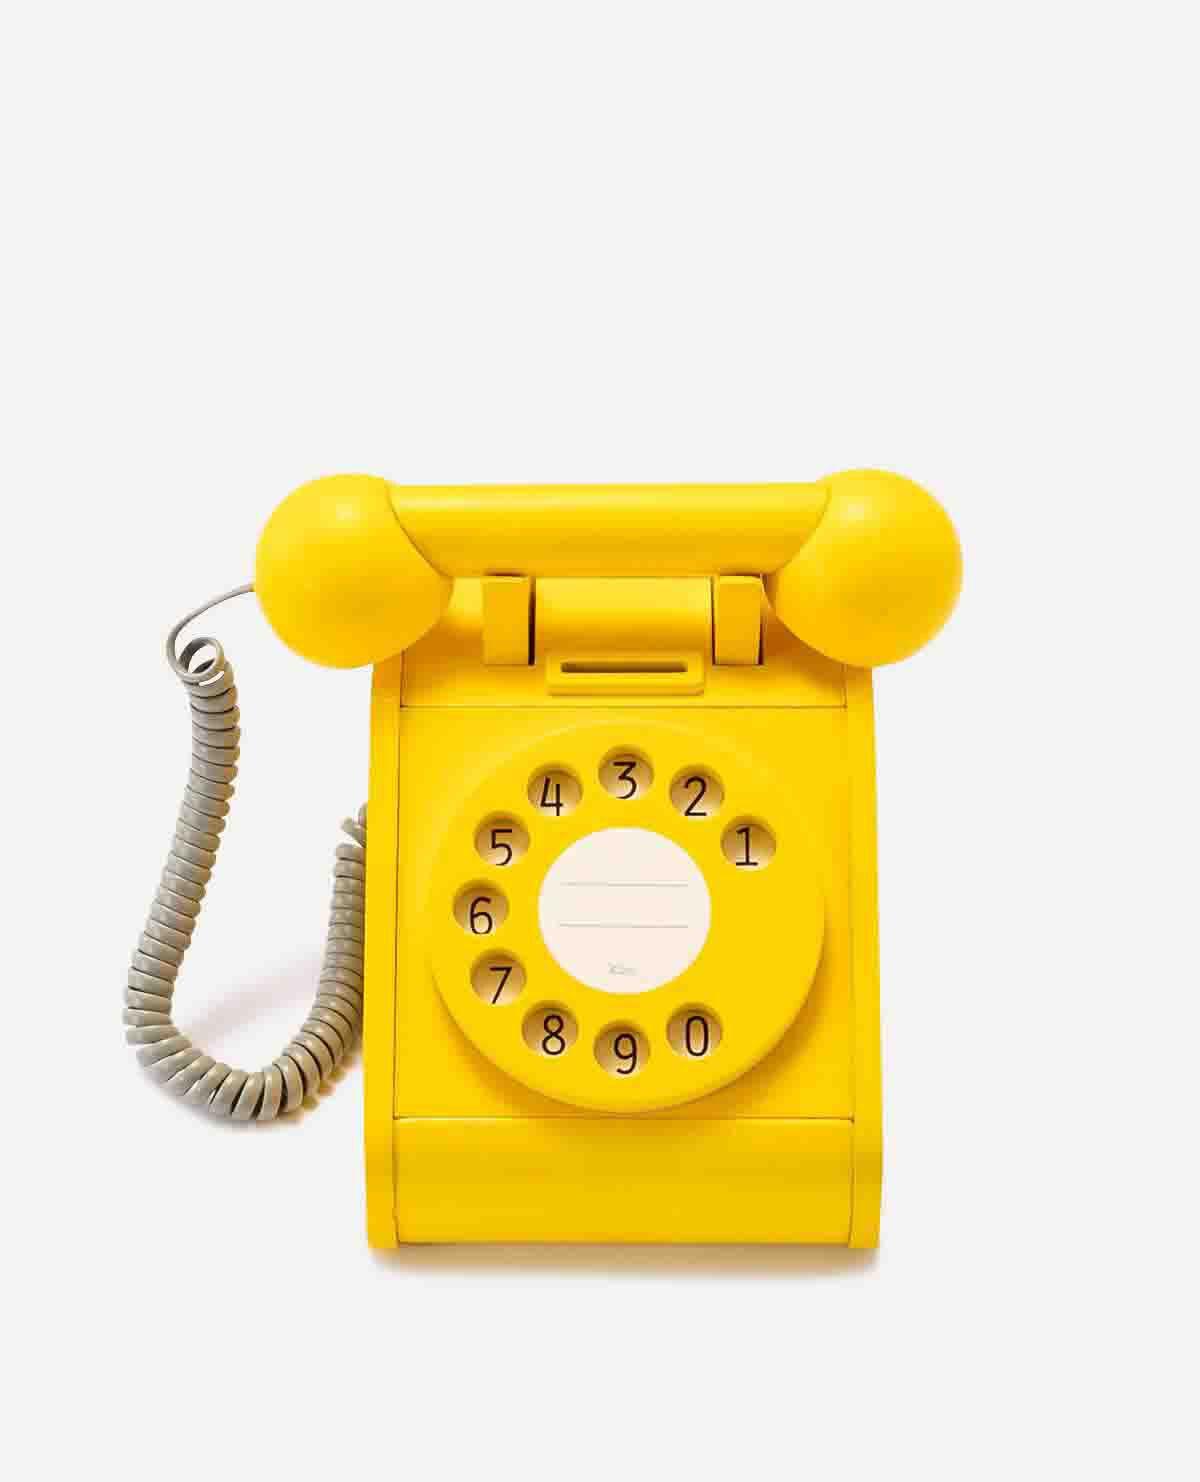 テレフォン 電話 おもちゃ 玩具 木製 イエロー